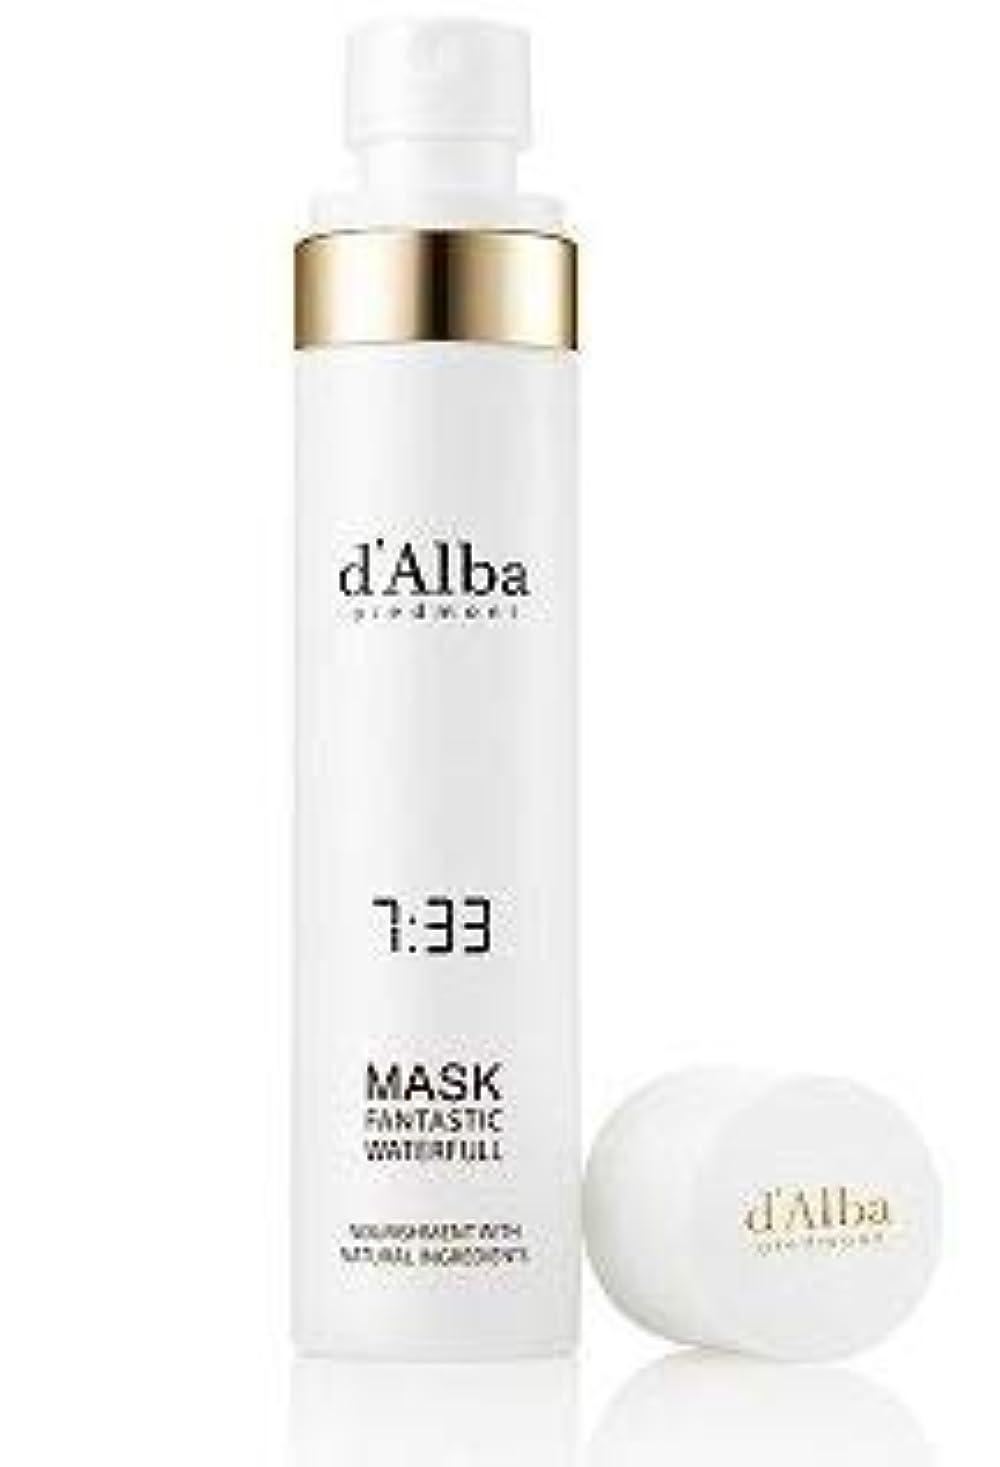 交響曲驚デコードする[dAlba] Fantastic Waterfull Spray Mask 100ml /[ダルバ] ファンタスティック ウォーターフォール マスク100ml [並行輸入品]